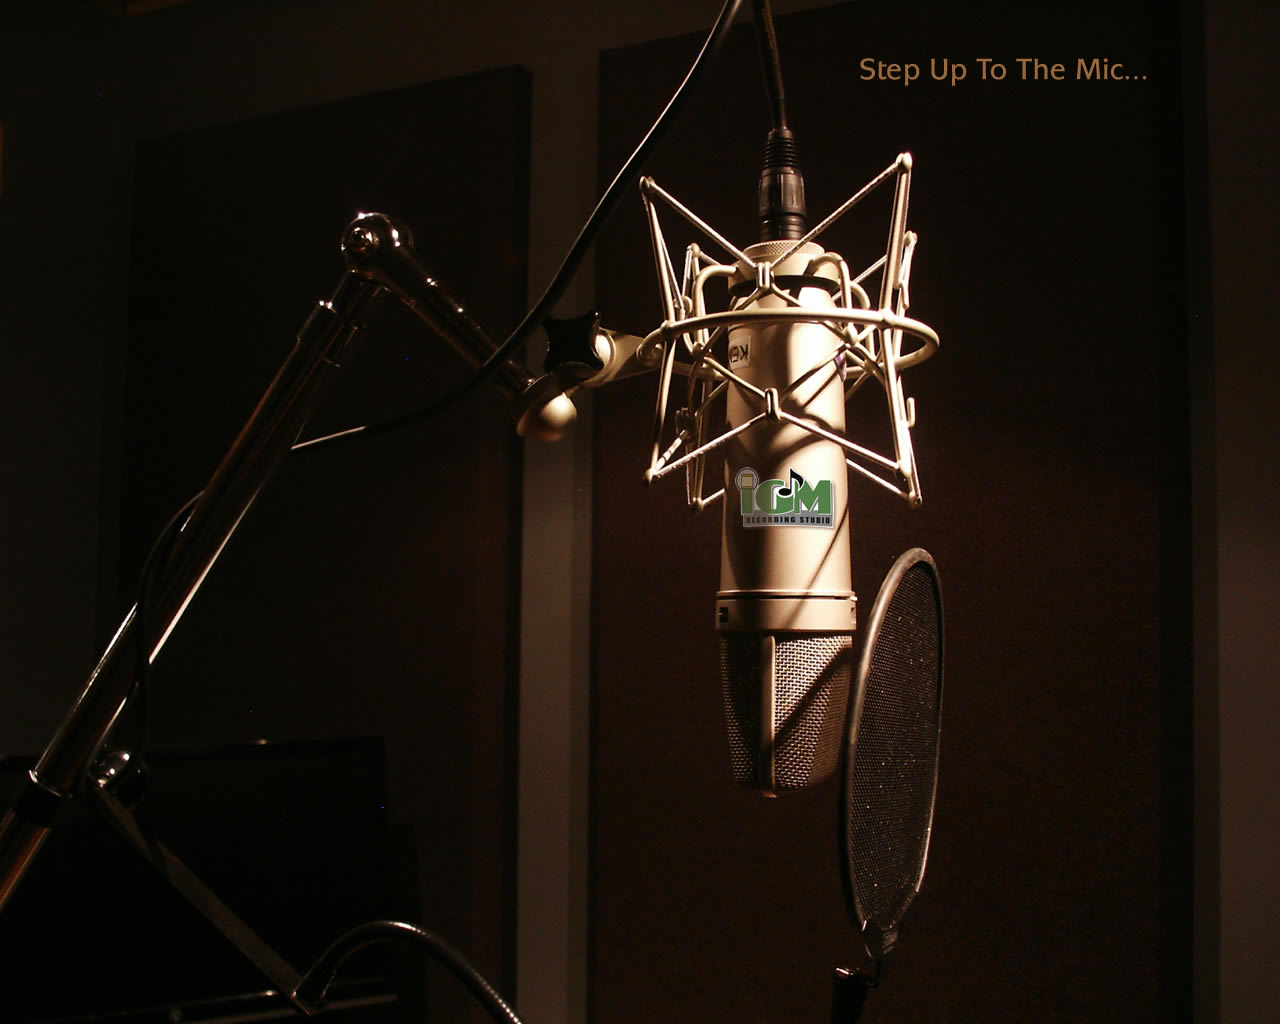 Recording Studio Wallpaper 29170 Hd Wallpapers Background   HDesktops 1280x1024